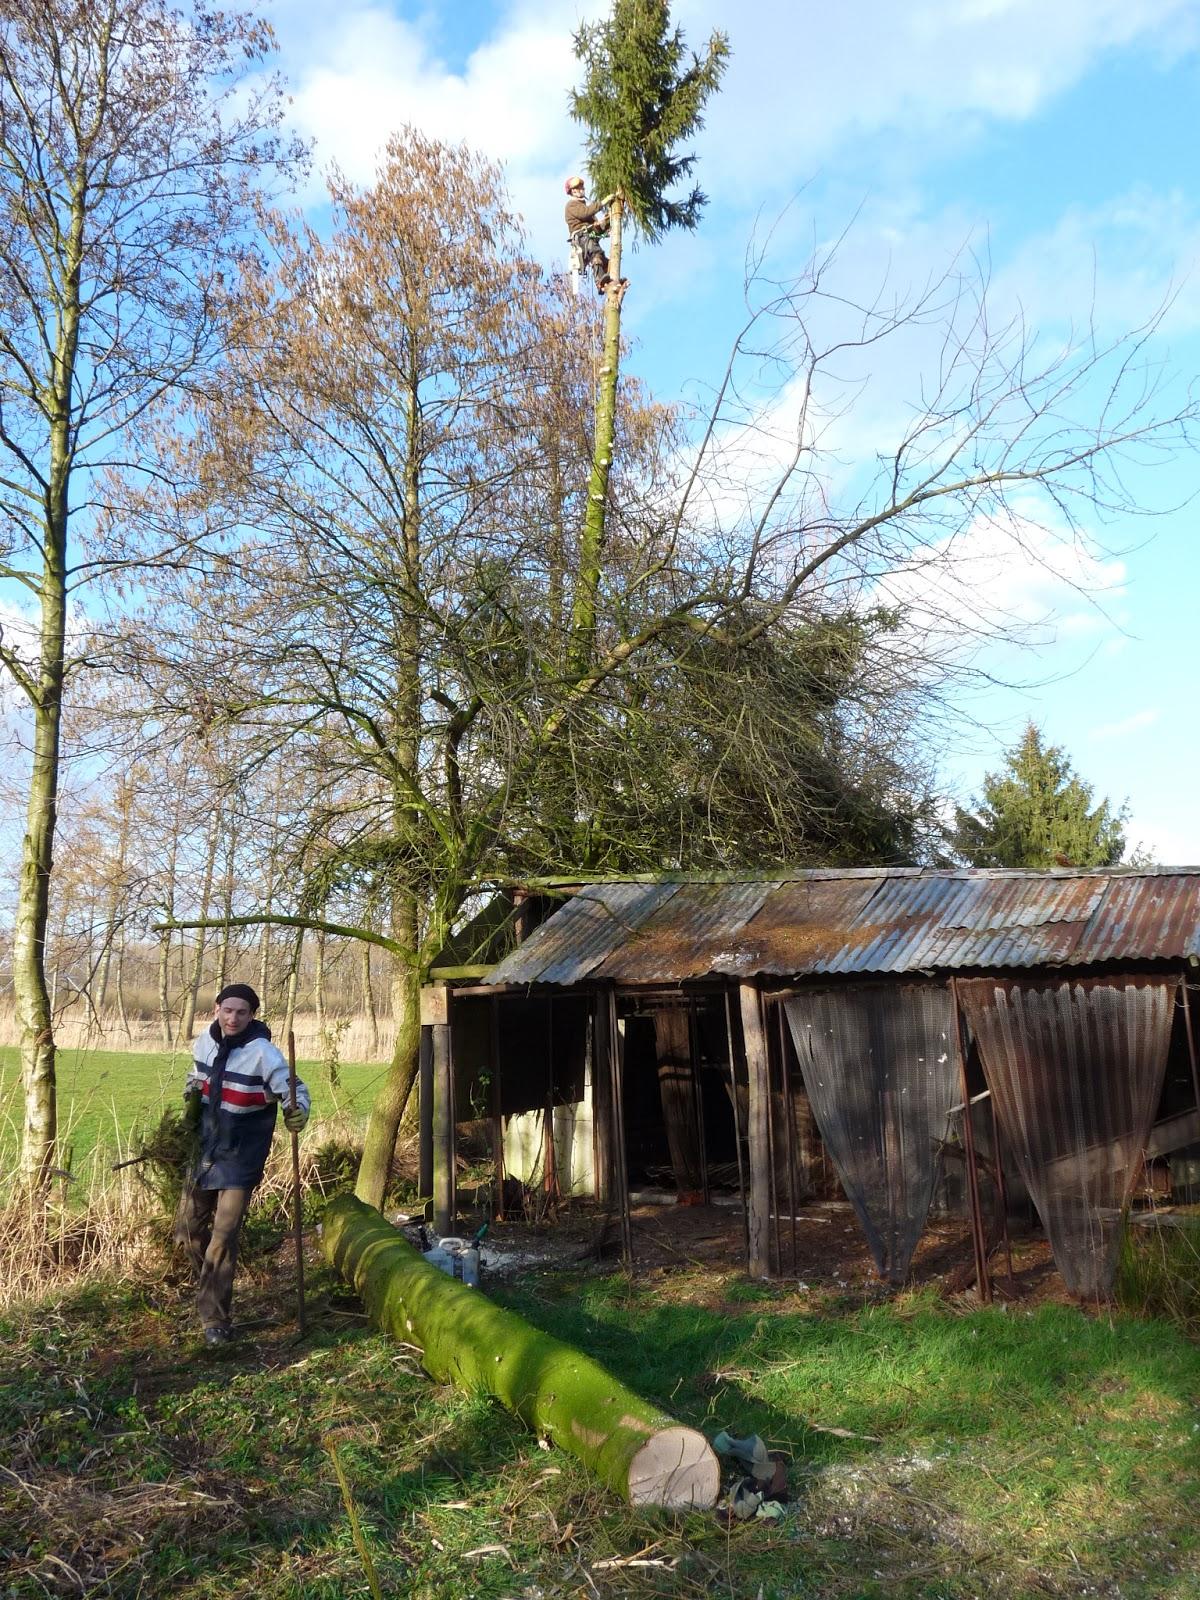 #2075AB22397016 Ons Nieuwe ECO Huis!: Asbest Inspectie En Bomen Verwijderen Van de bovenste plank Asbest In Huis 803 beeld 12001600803 Inspiratie